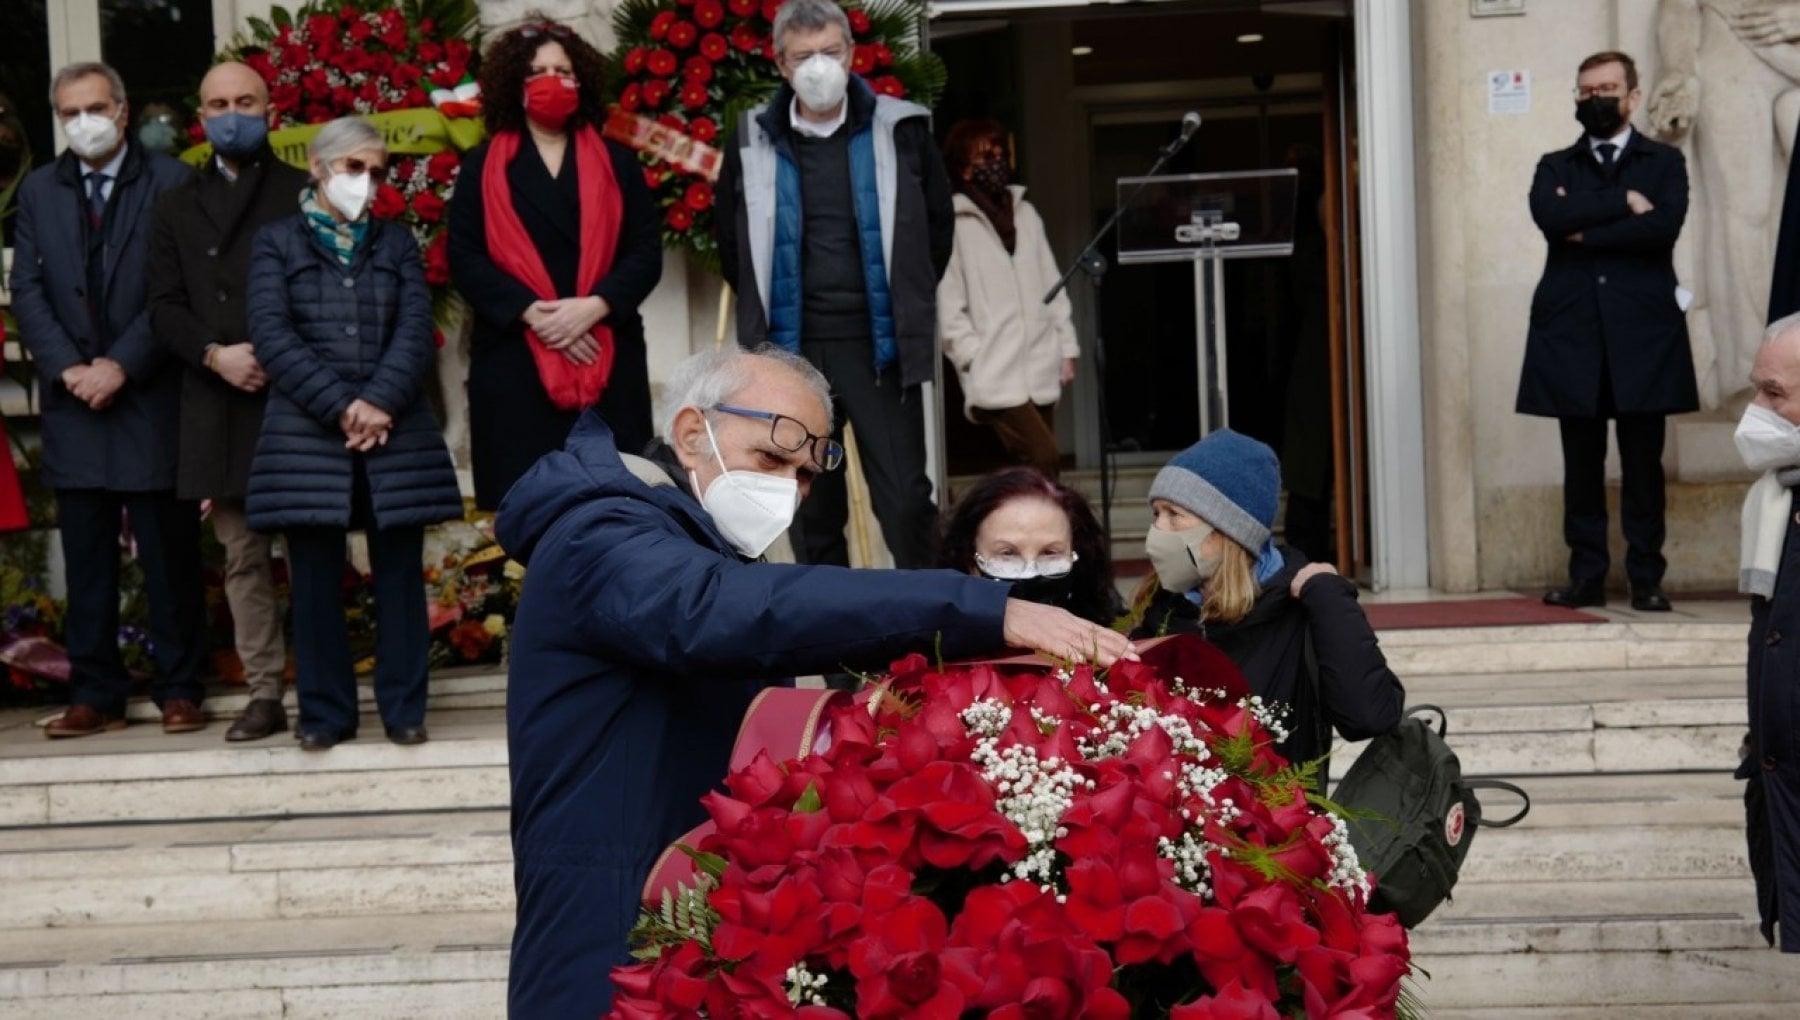 Addio a Emanuele Macaluso il combattente che si ricordava tutto lultimo saluto nel giorno del centenario del Pci